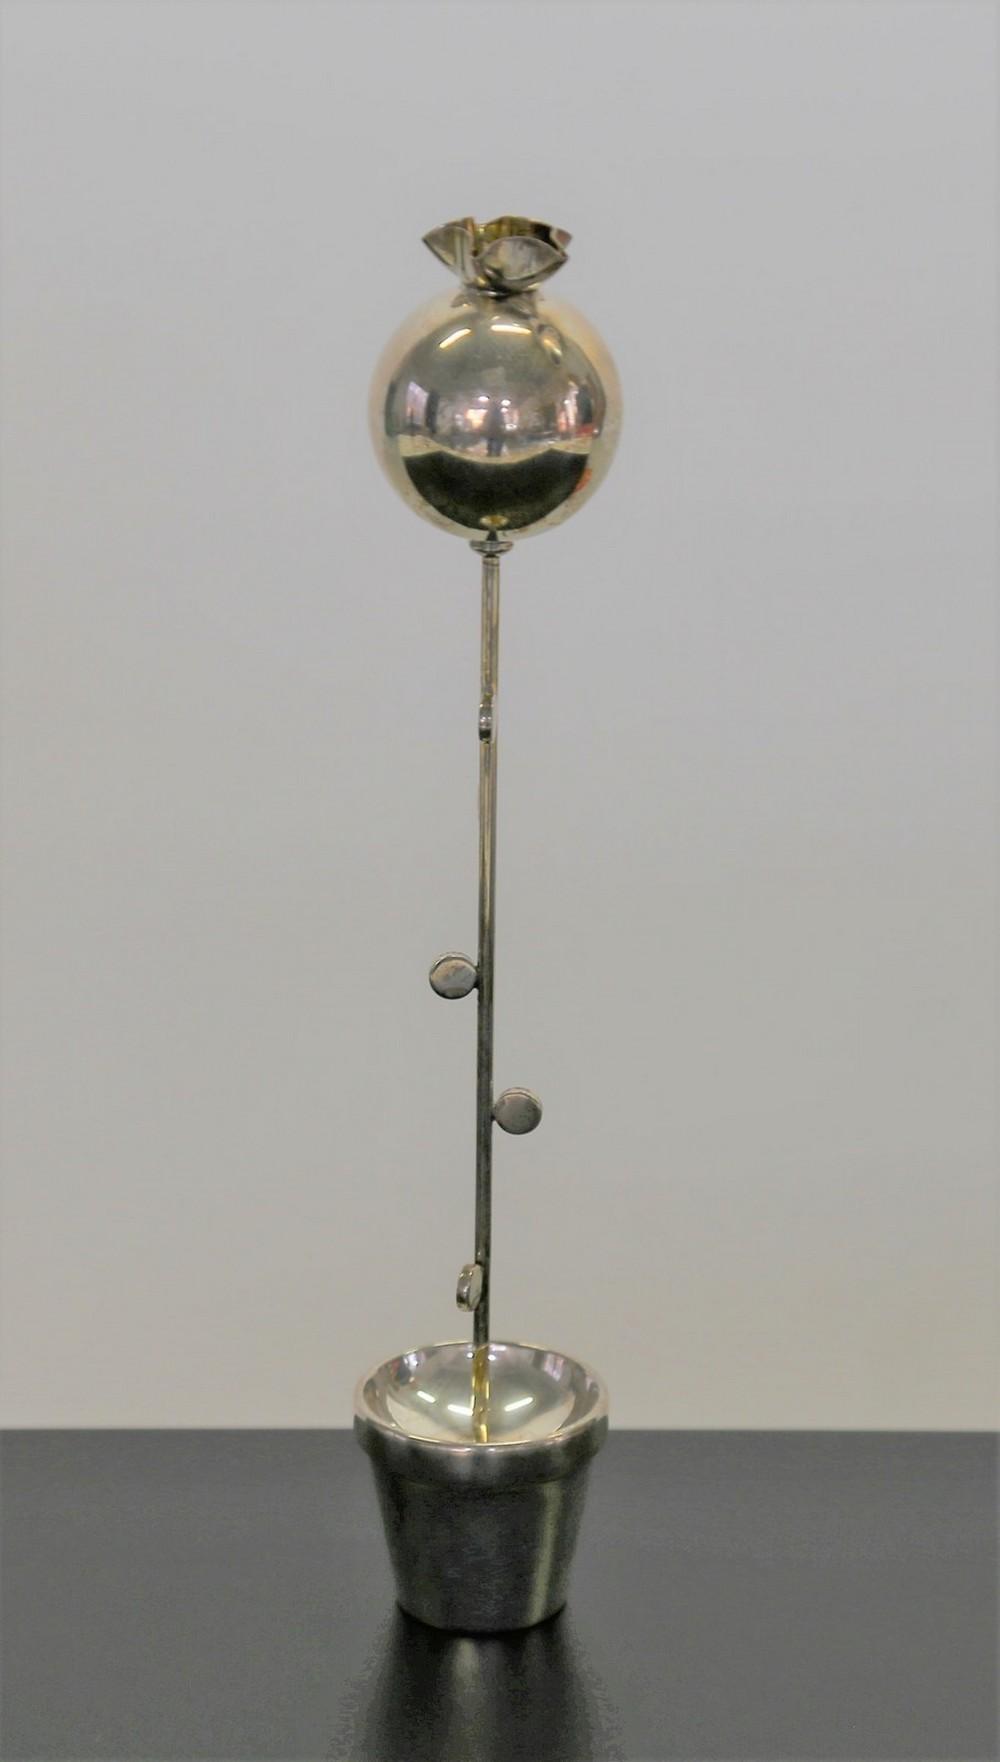 PALTERER DAVID Pomegranate pot pourri holder